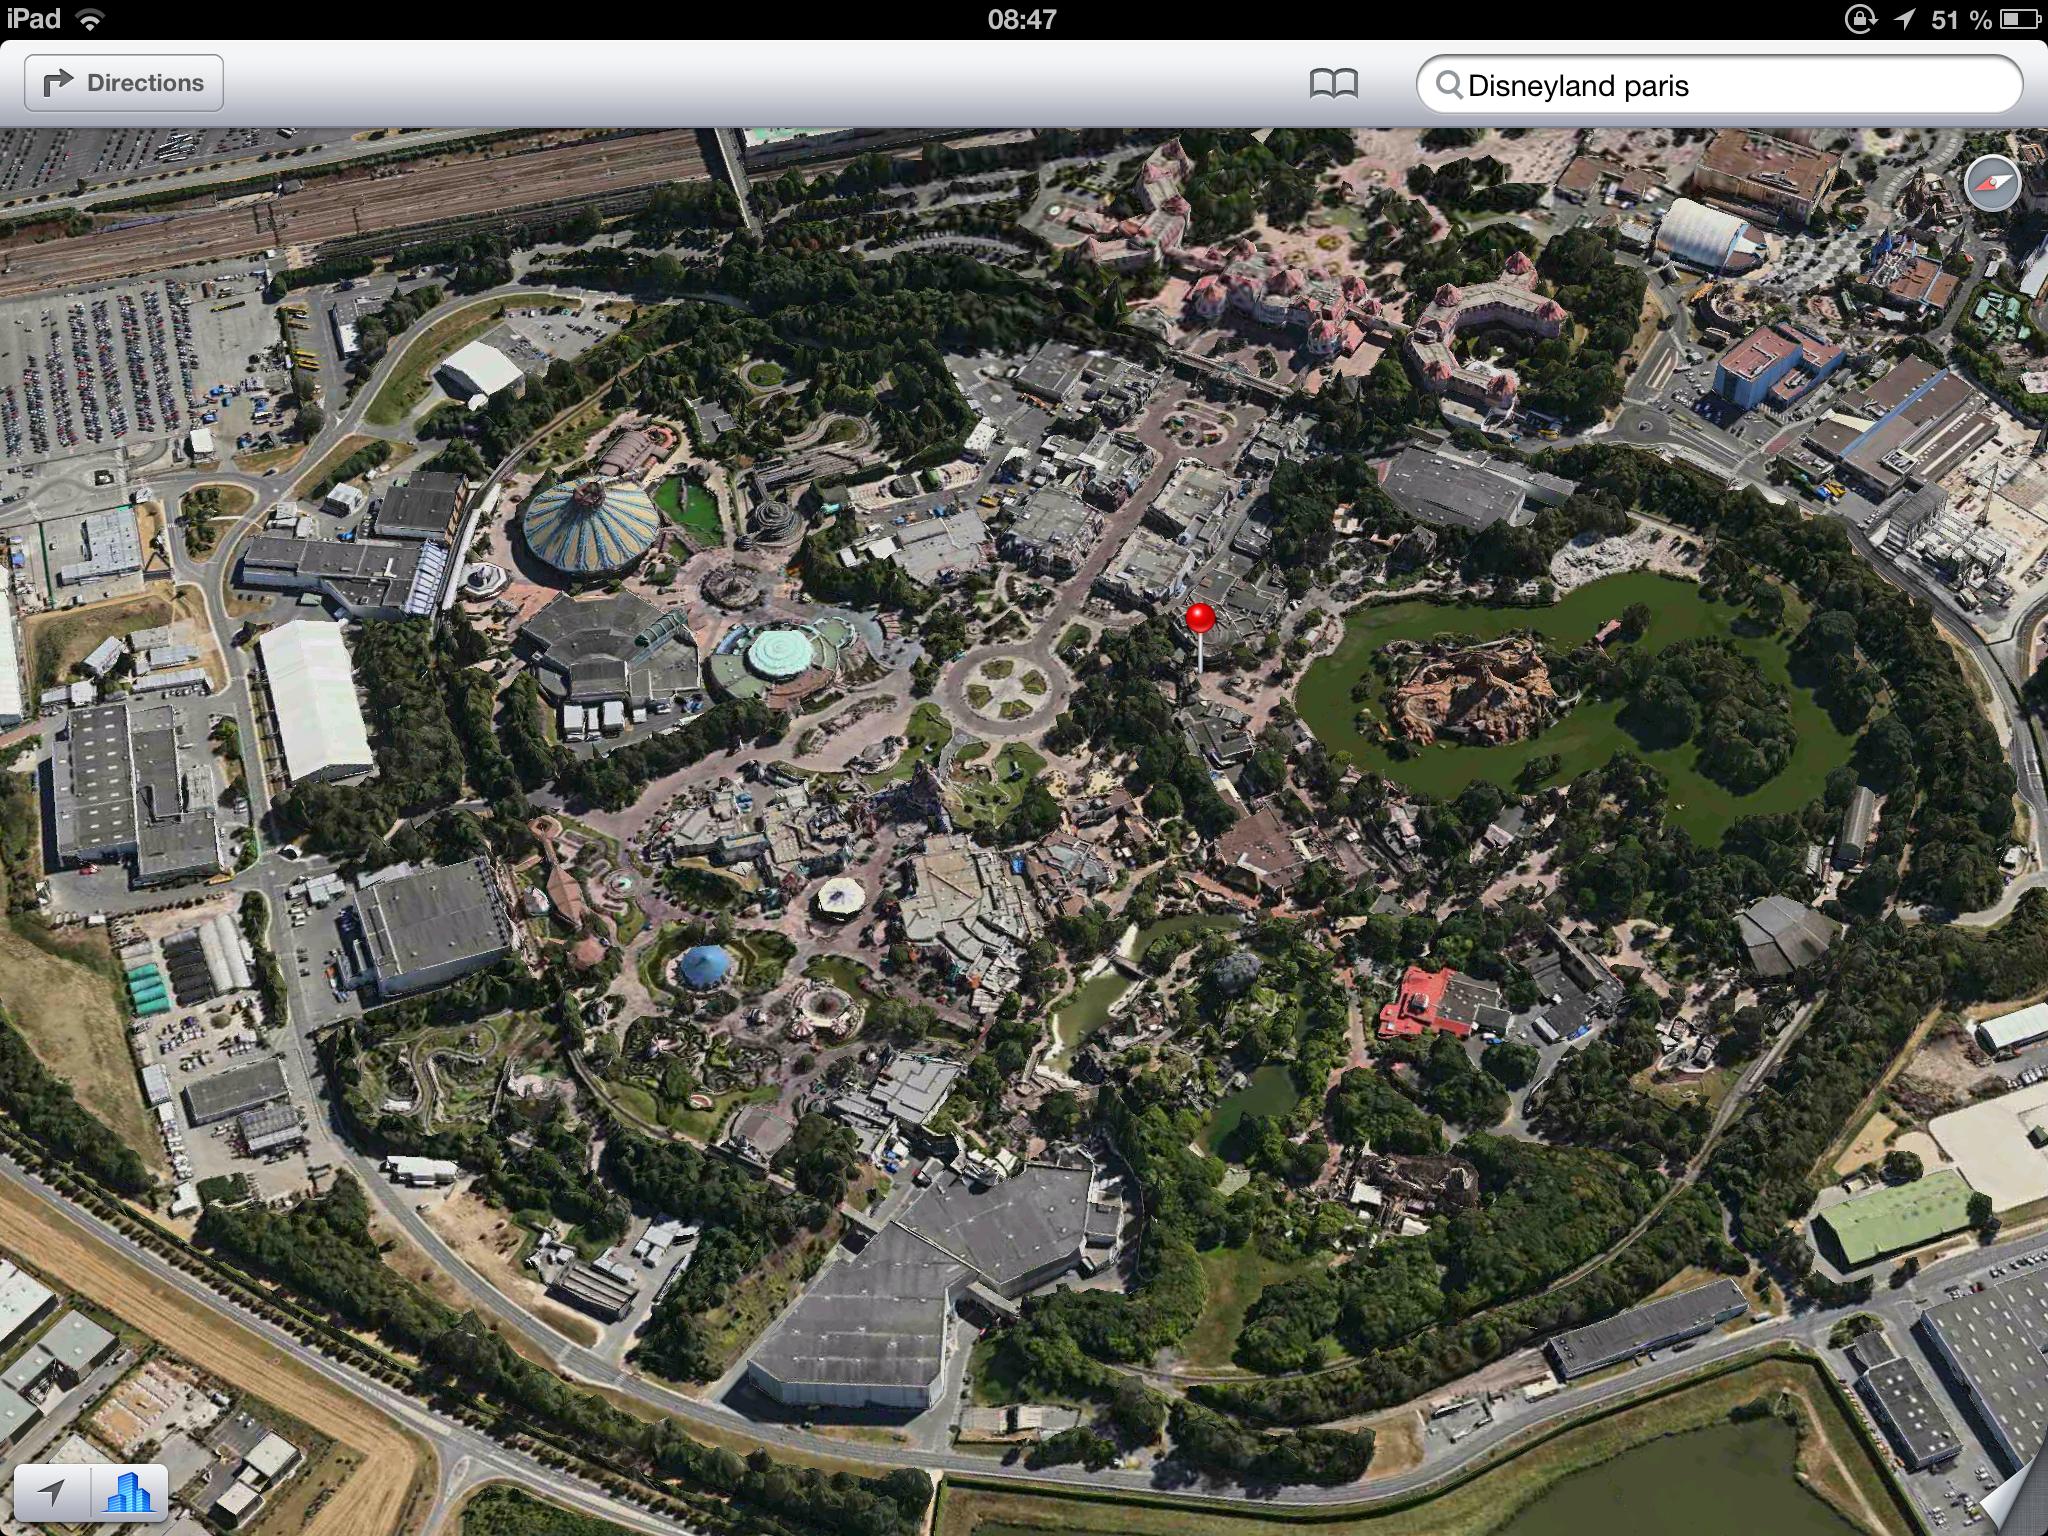 1992 Disneyland Parijs - Google Zoeken